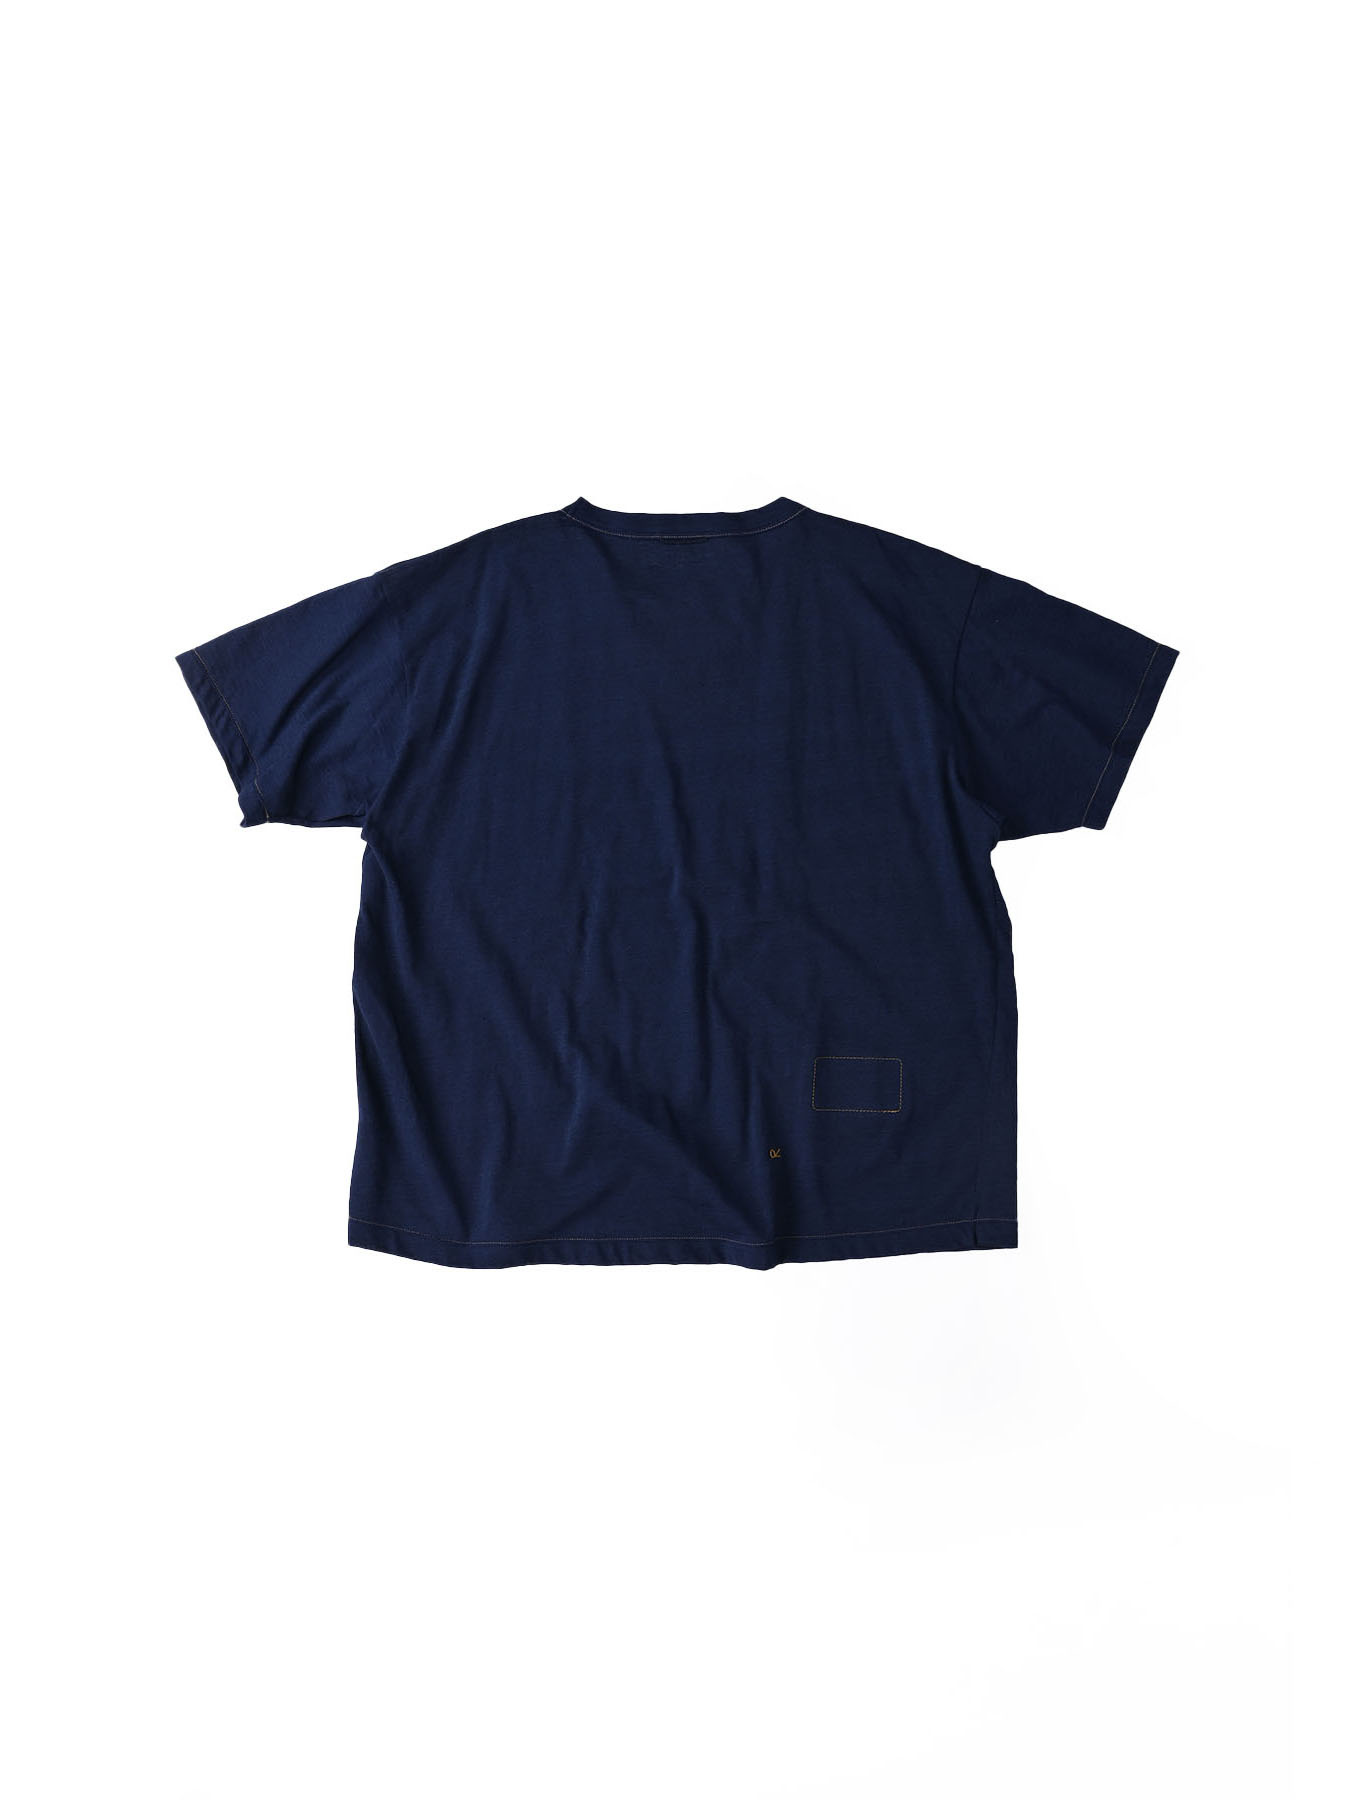 Indigo Tenjiku 908 Ocean T-Shirt (0621)-6